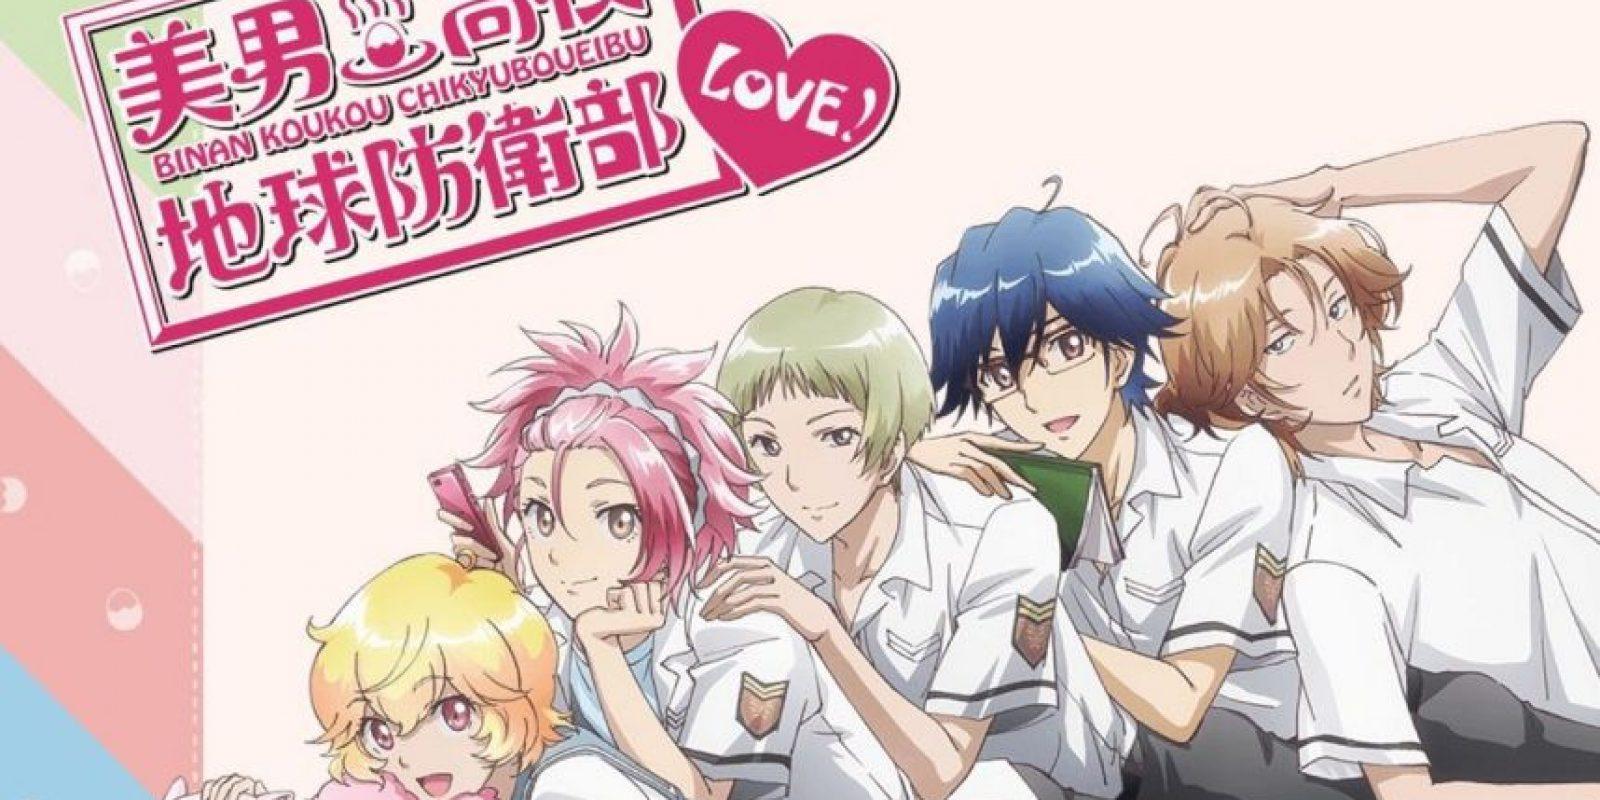 Son cinco compañeros vagos de instituto que representan a cualquier joven japonés. Foto:FUNimation Entertainment